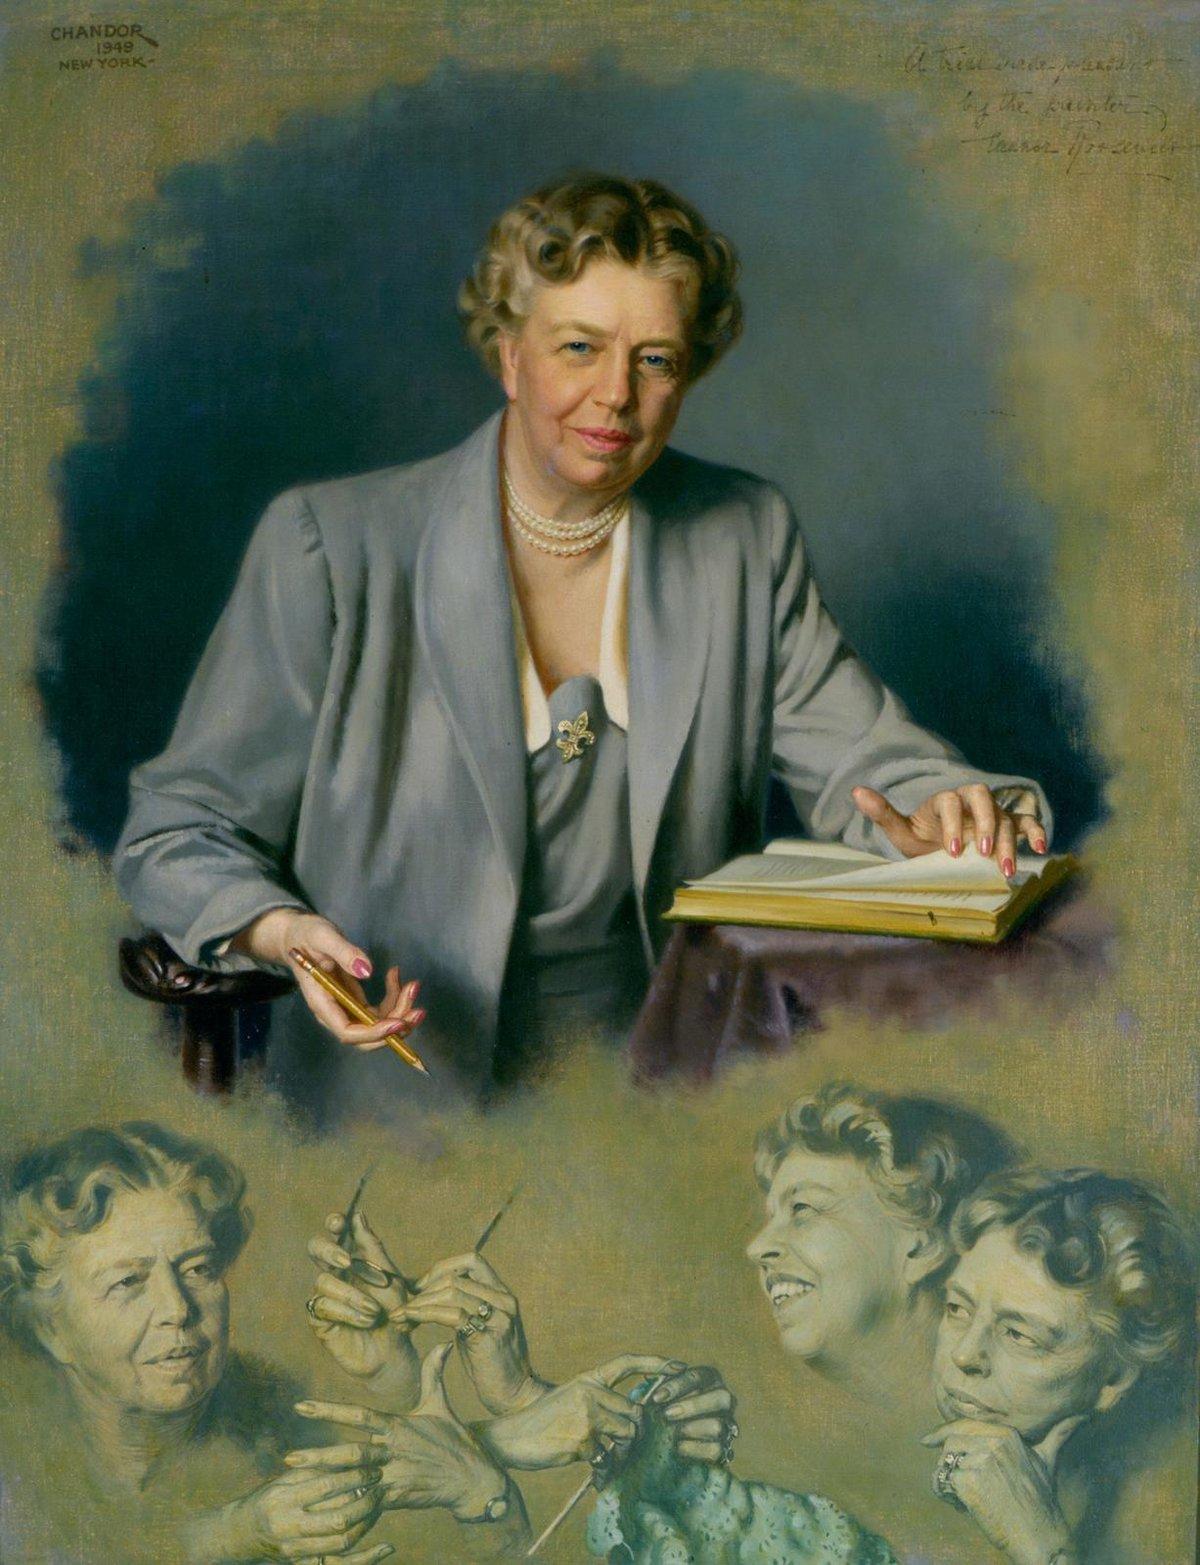 Eleanor Rooseveltové vyčítali její současníci překračování konvencí.